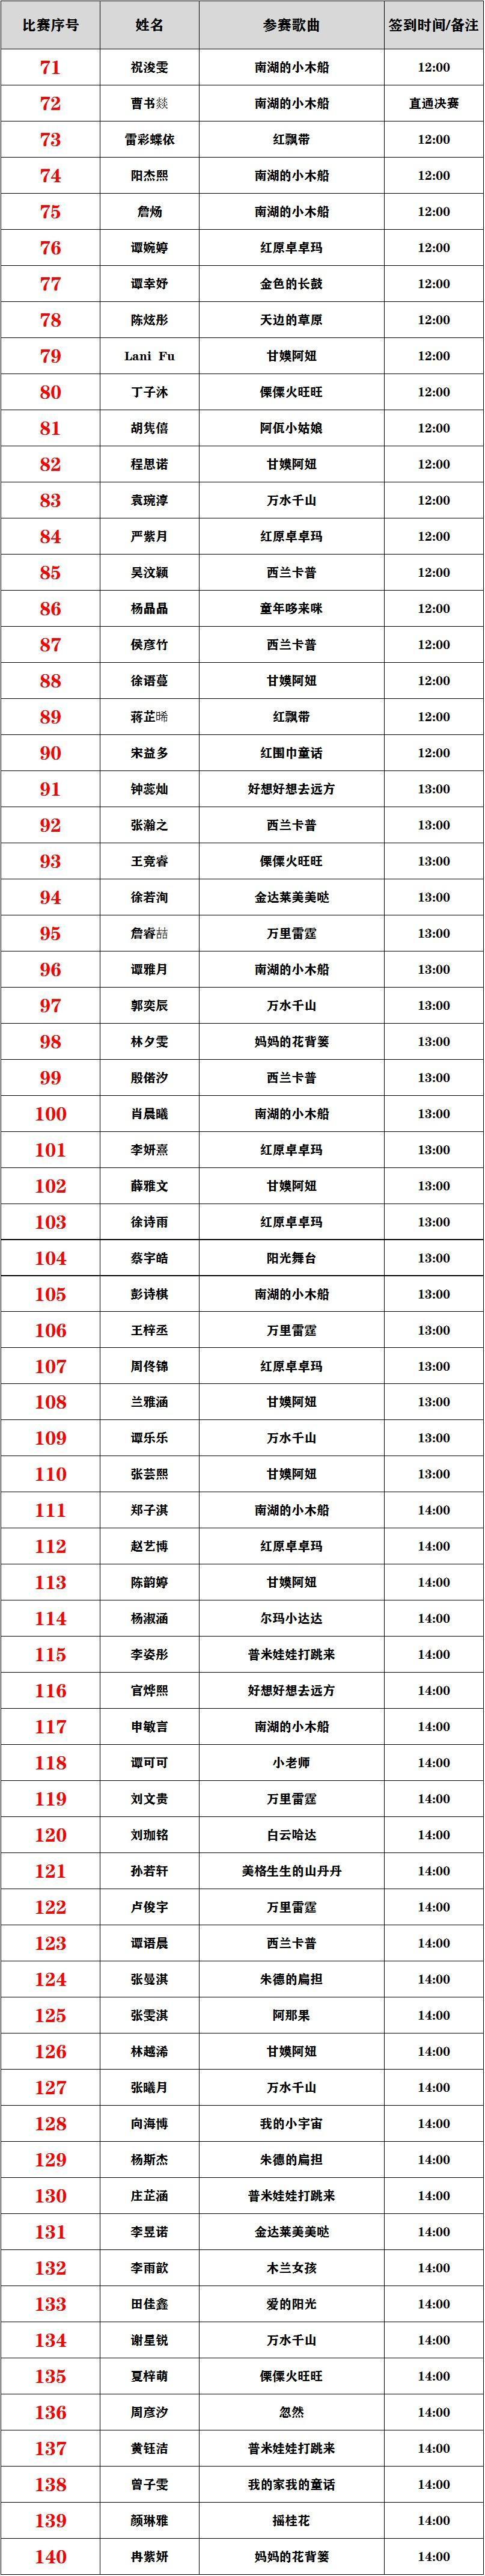 2021第17届快乐阳光全国少歌赛【重庆赛区】复赛比赛通知 第14张